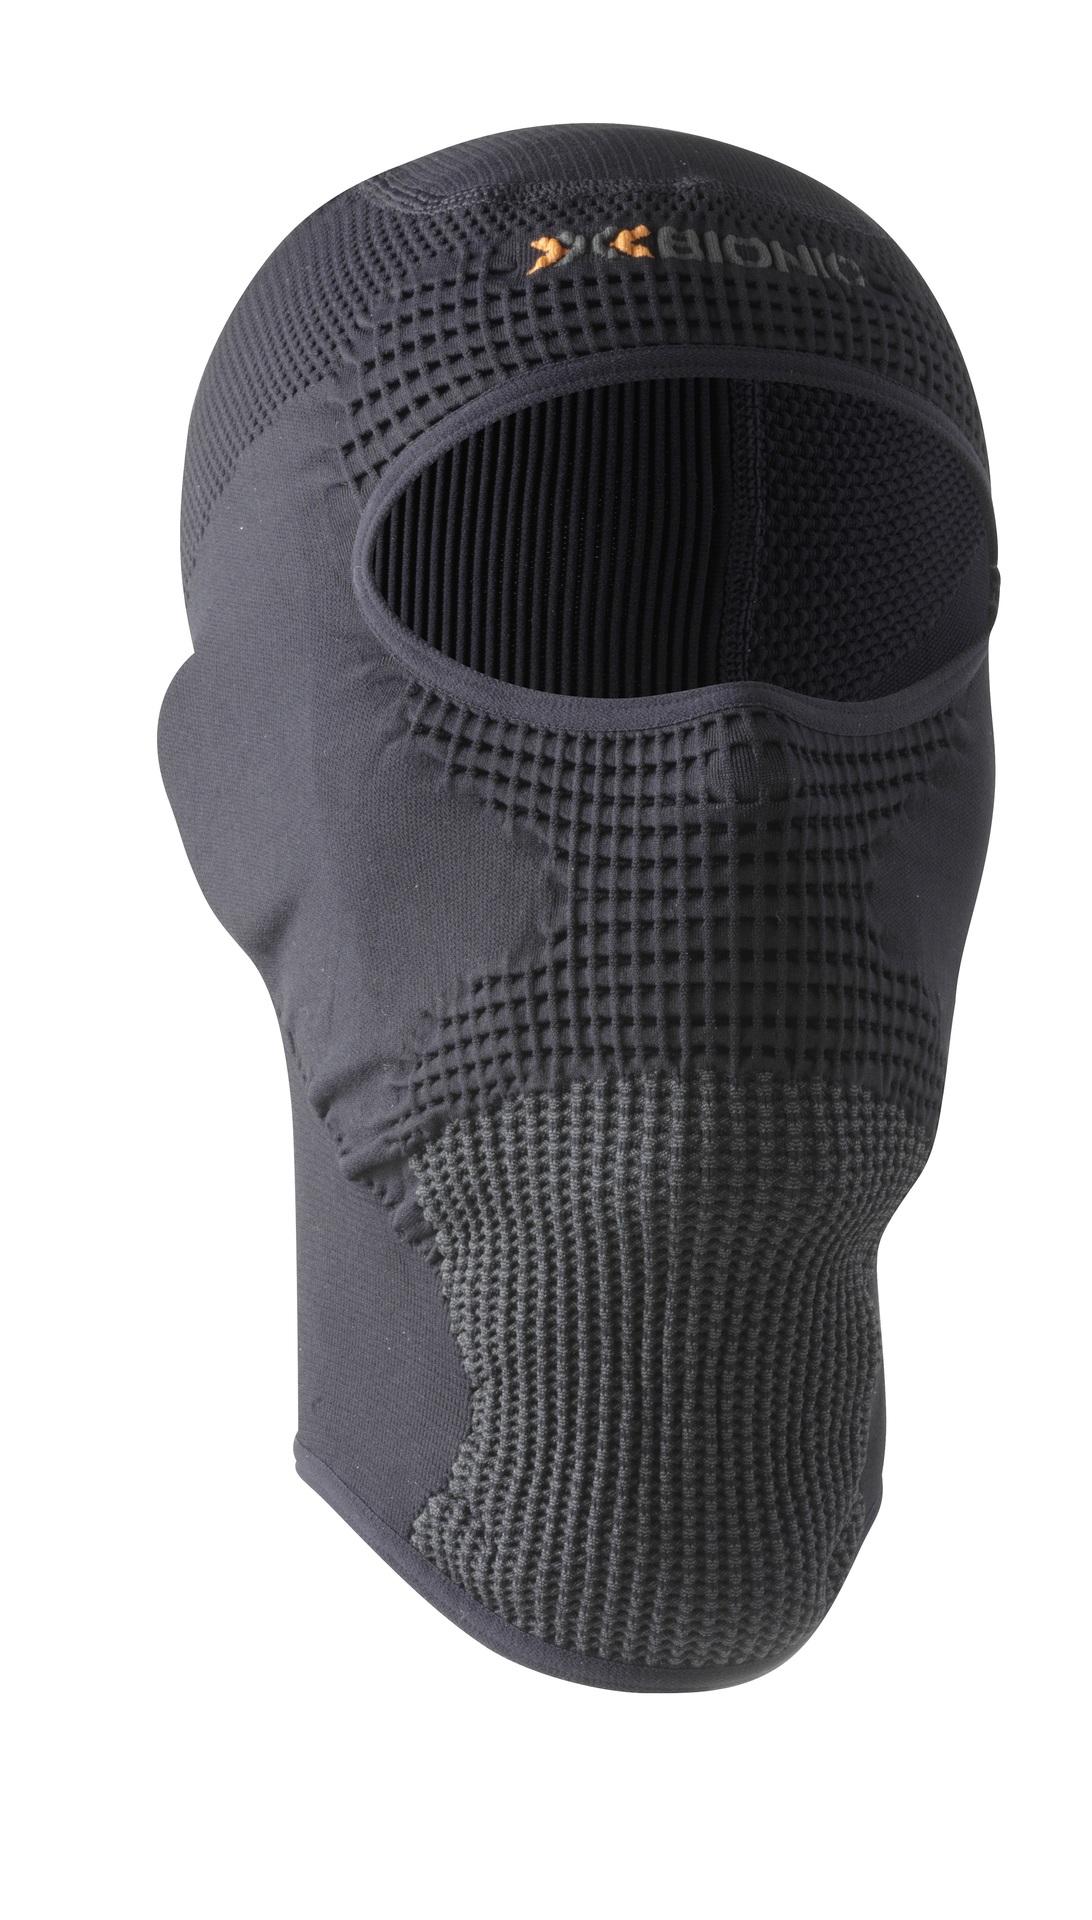 Snowshop - Kominiarka odpowiednia dla narciarzy - kominiarka termoaktywna x-bionic stormcap eye x13 1